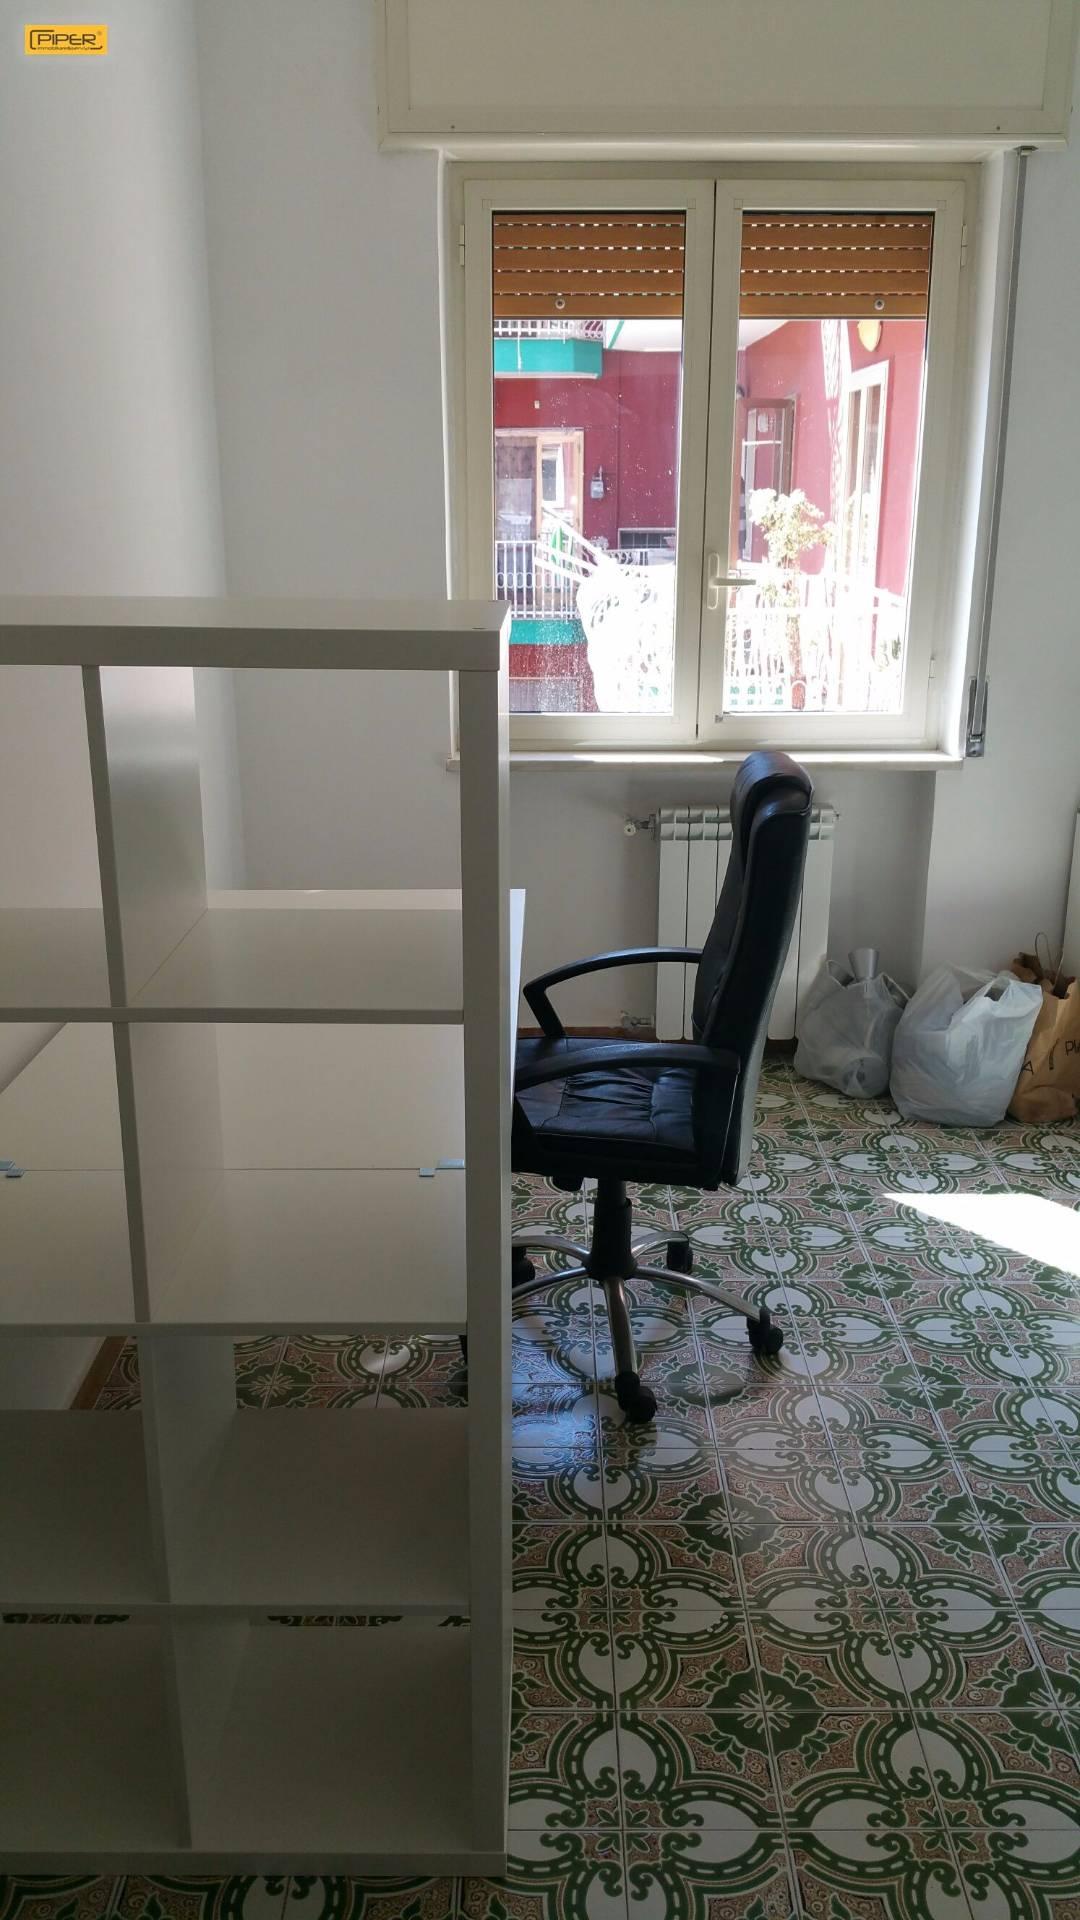 Appartamento in affitto a Napoli, 4 locali, zona Zona: 9 . Soccavo, Pianura, prezzo € 400 | Cambio Casa.it